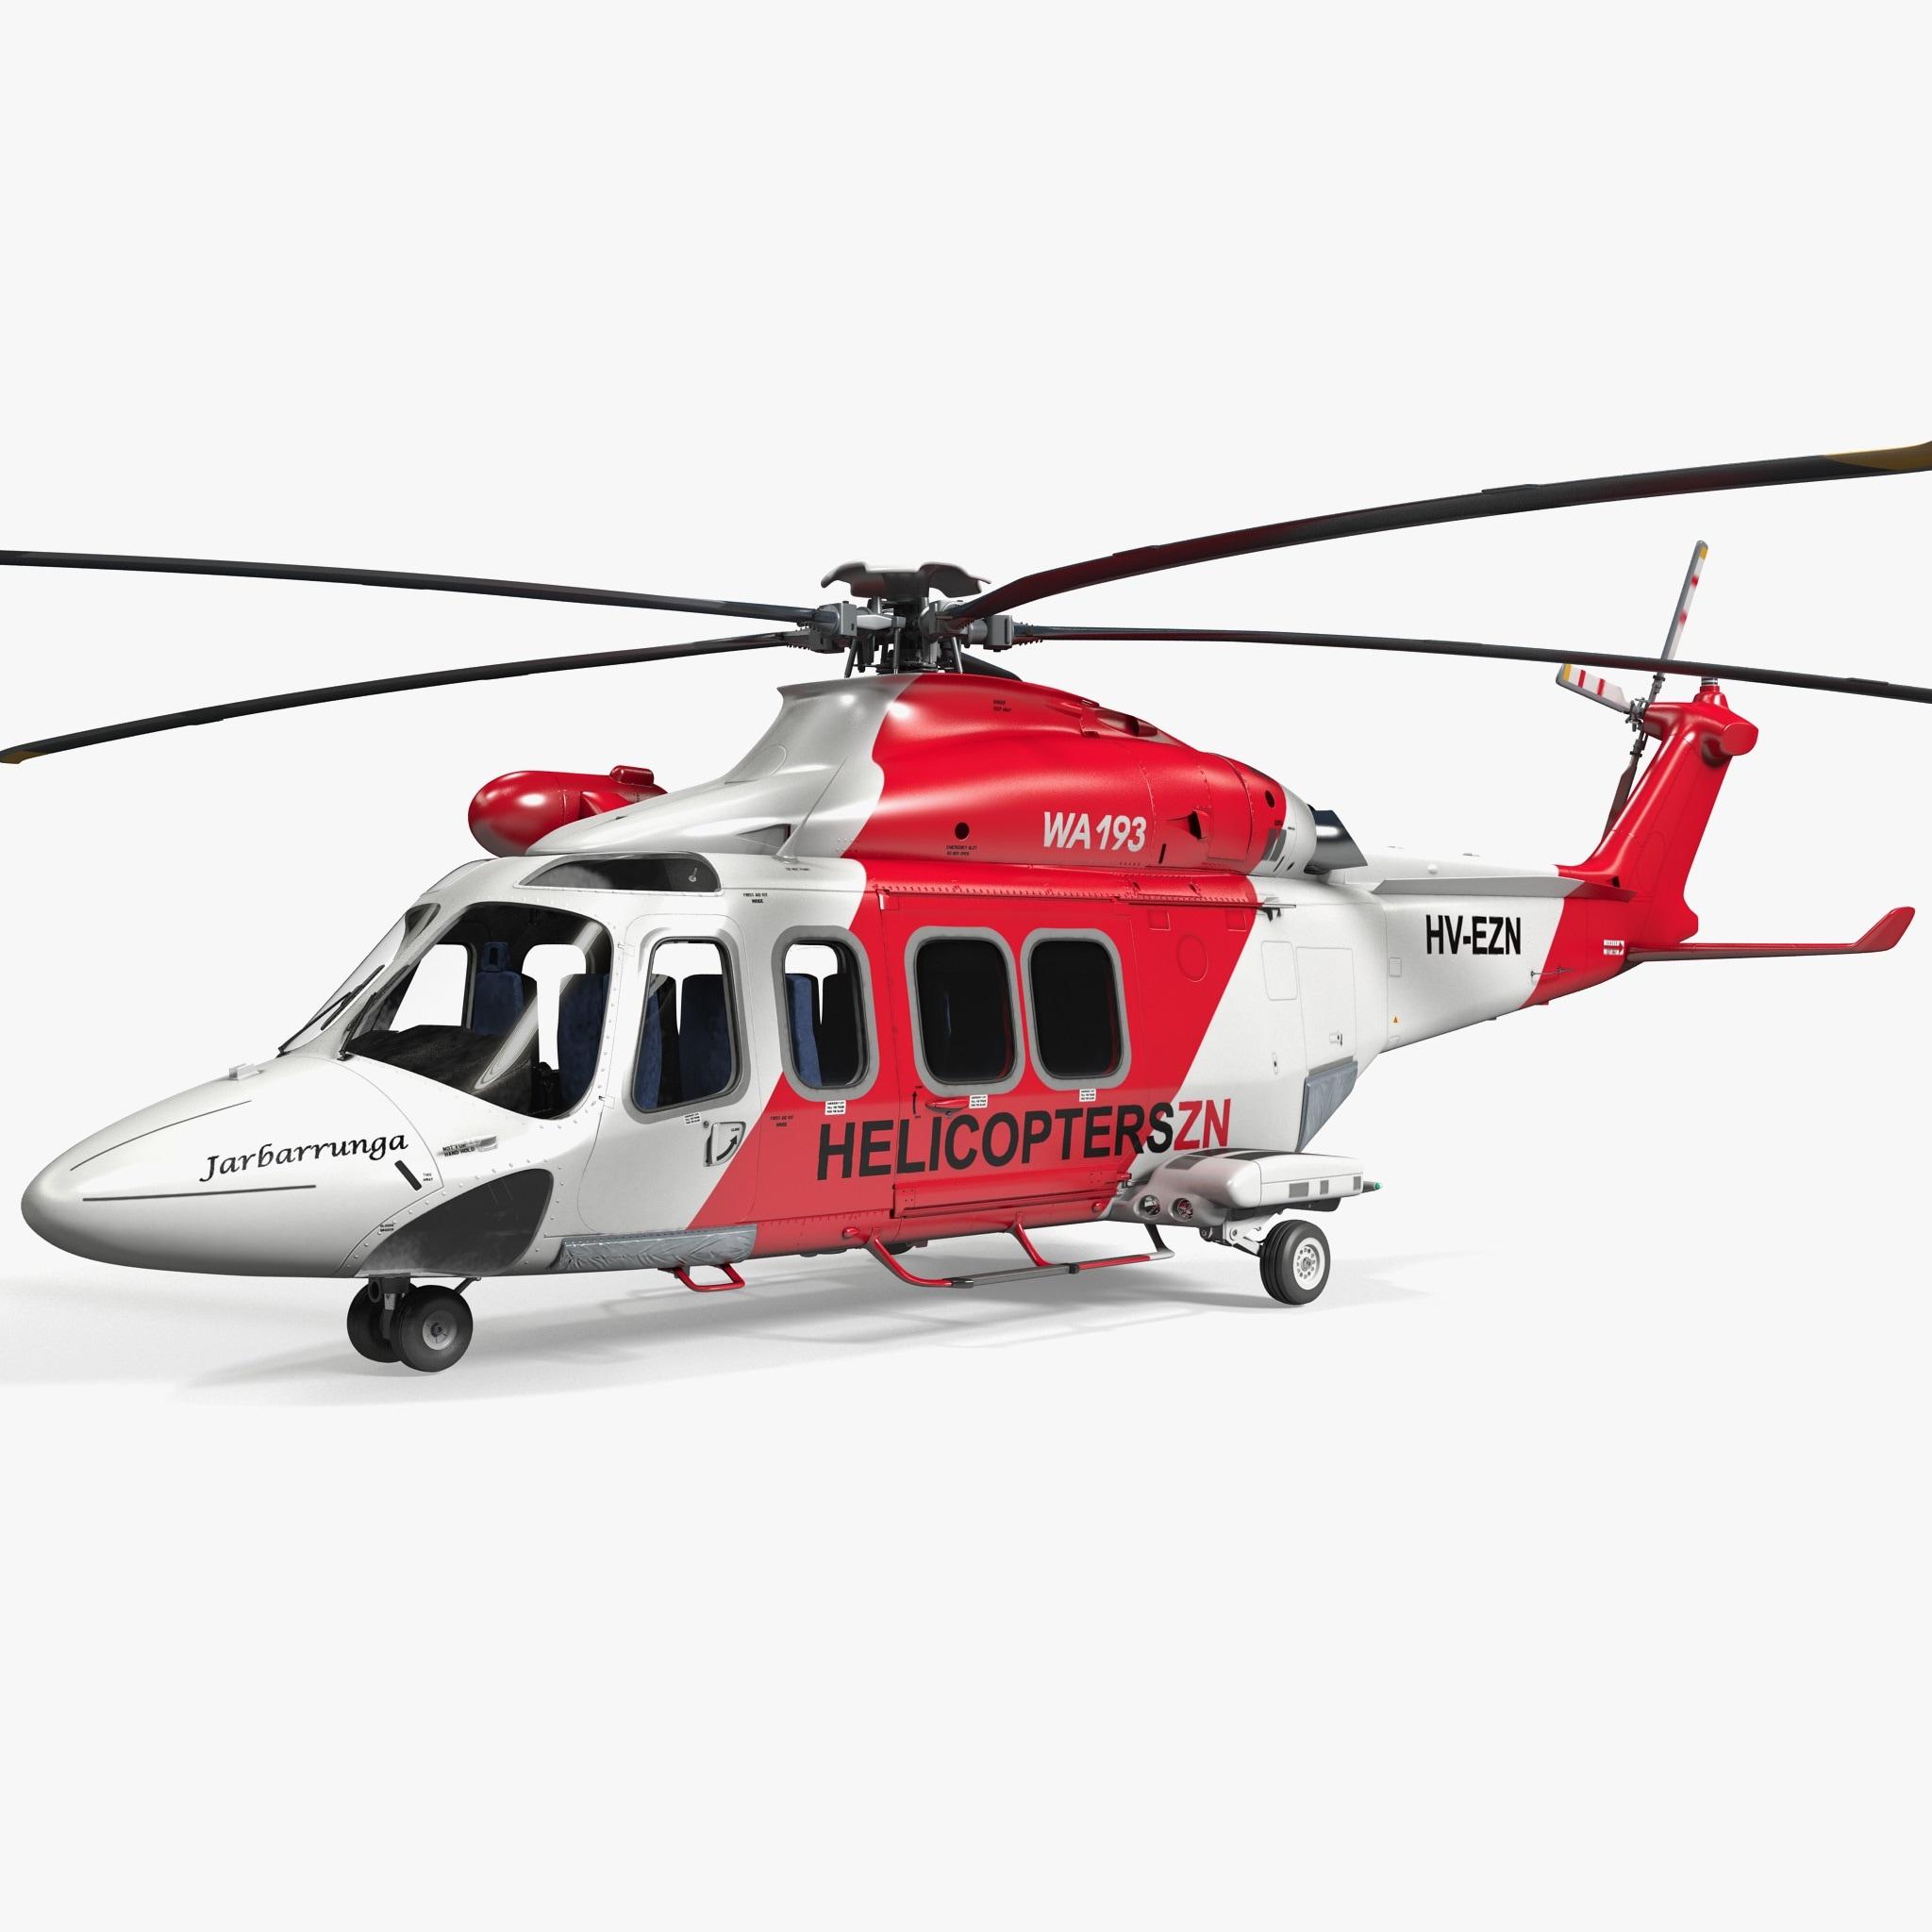 AgustaWestland AW139_1.jpg